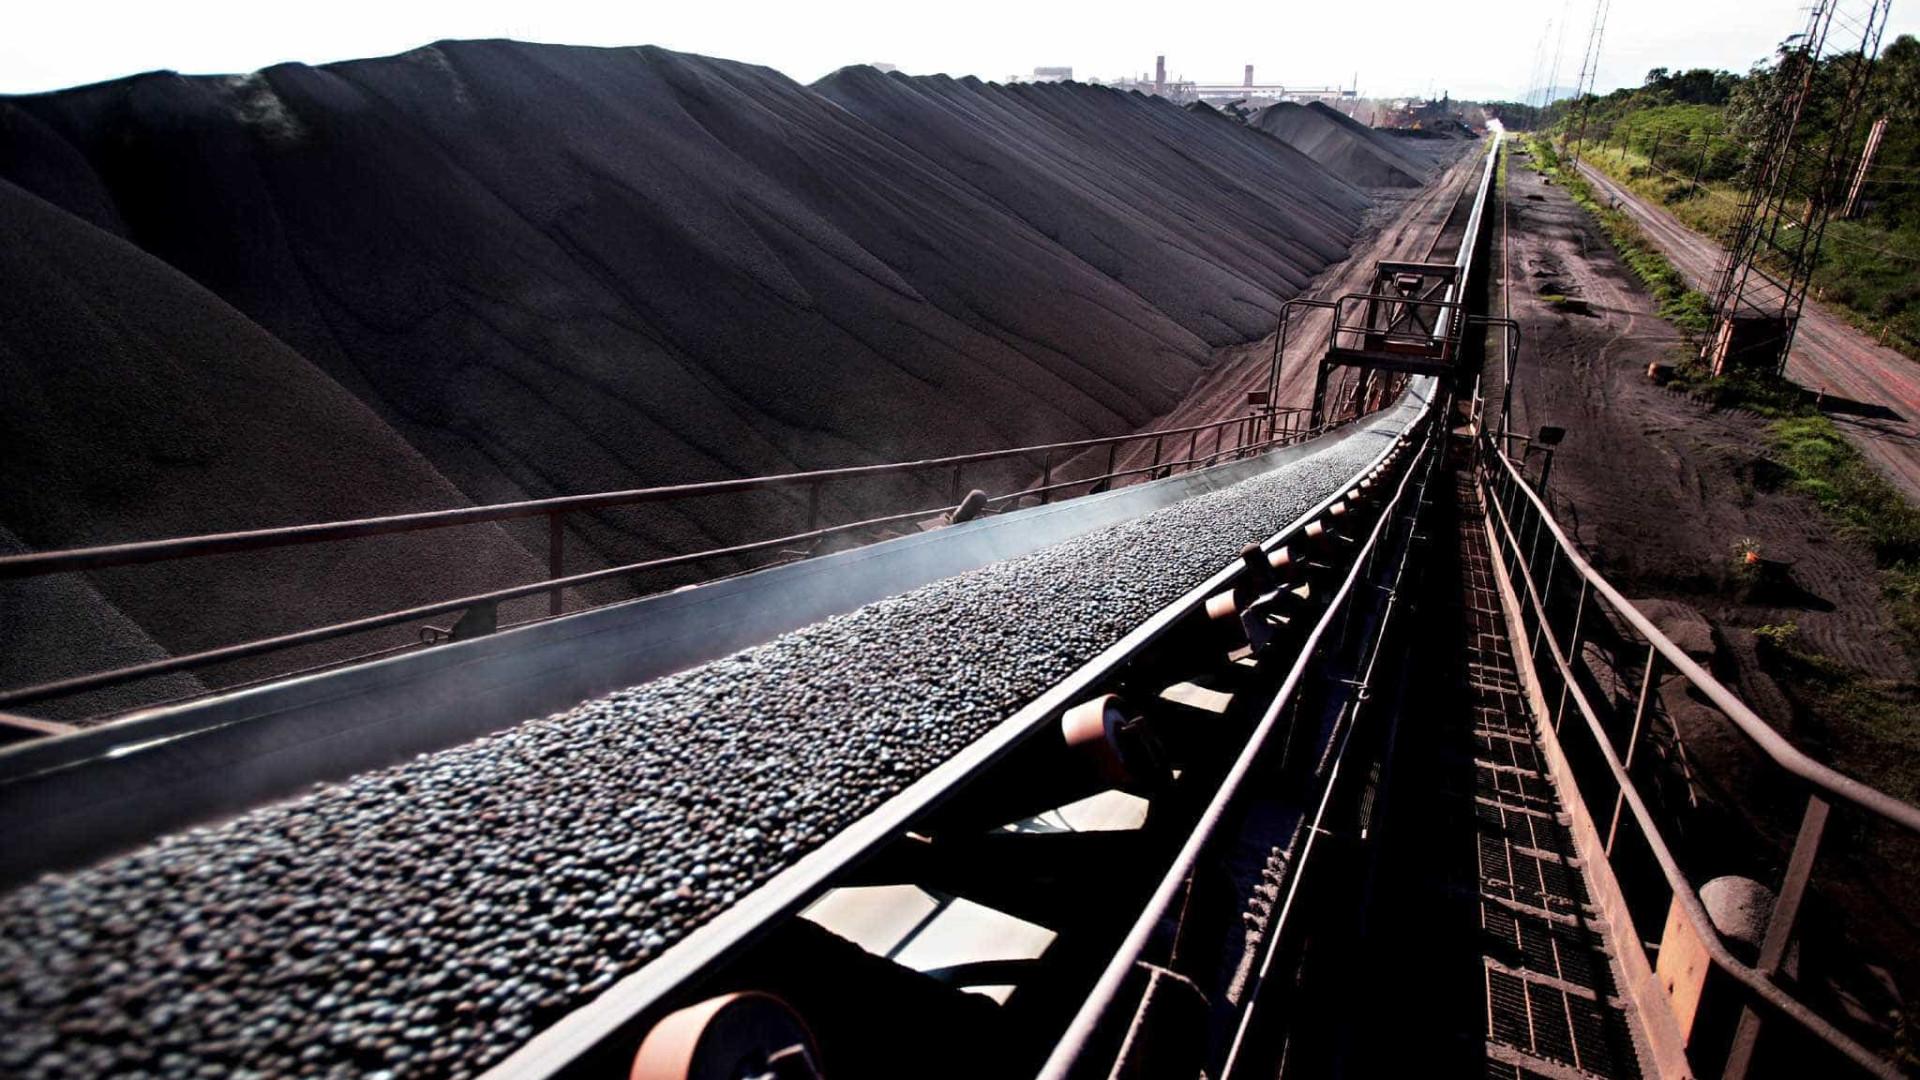 Justiça anula 96% dos pedidos de mineração em terra indígena no AM